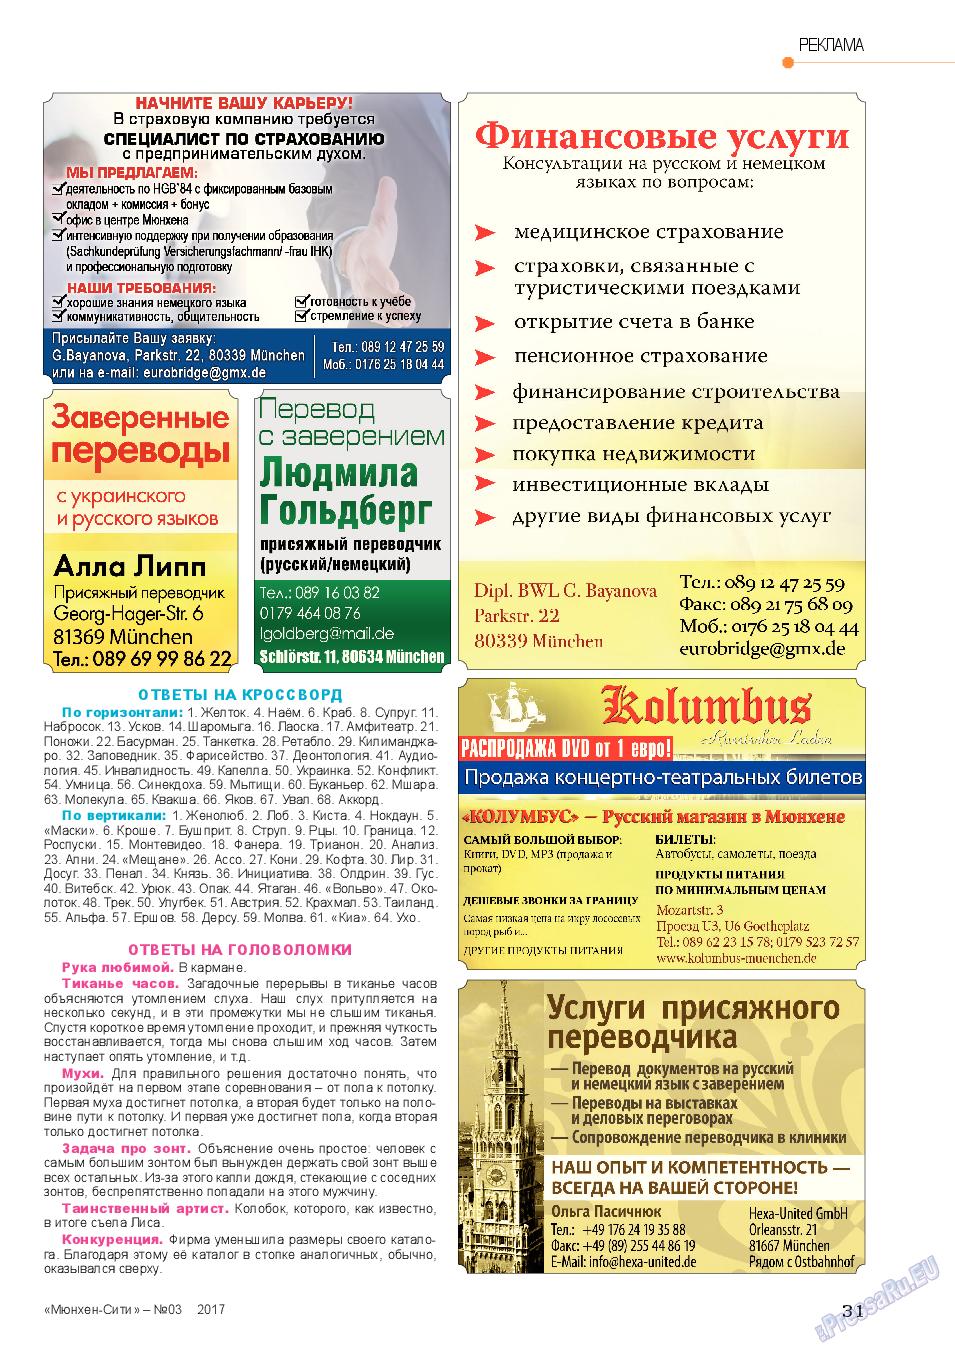 Мюнхен-сити (журнал). 2017 год, номер 3, стр. 31